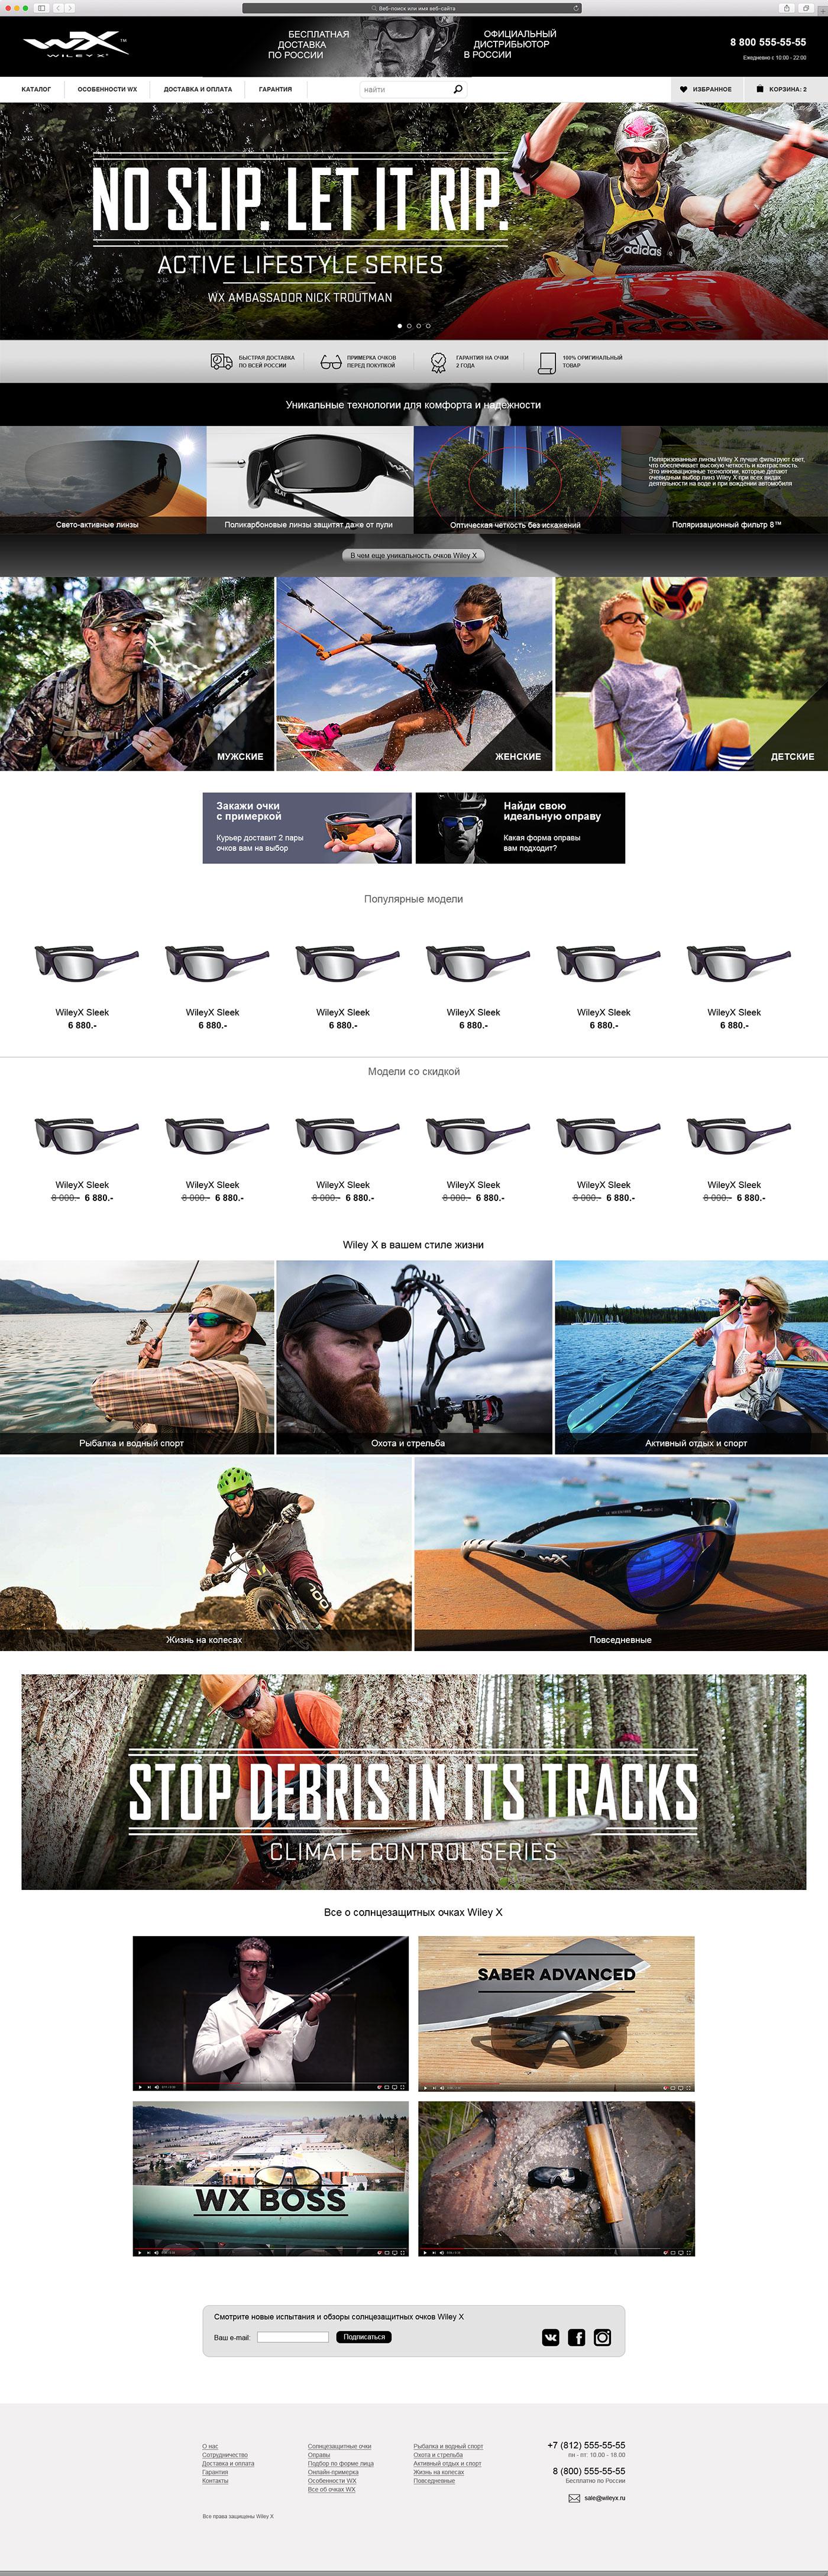 Дизайн интернет-магазина очков «Wiley X»